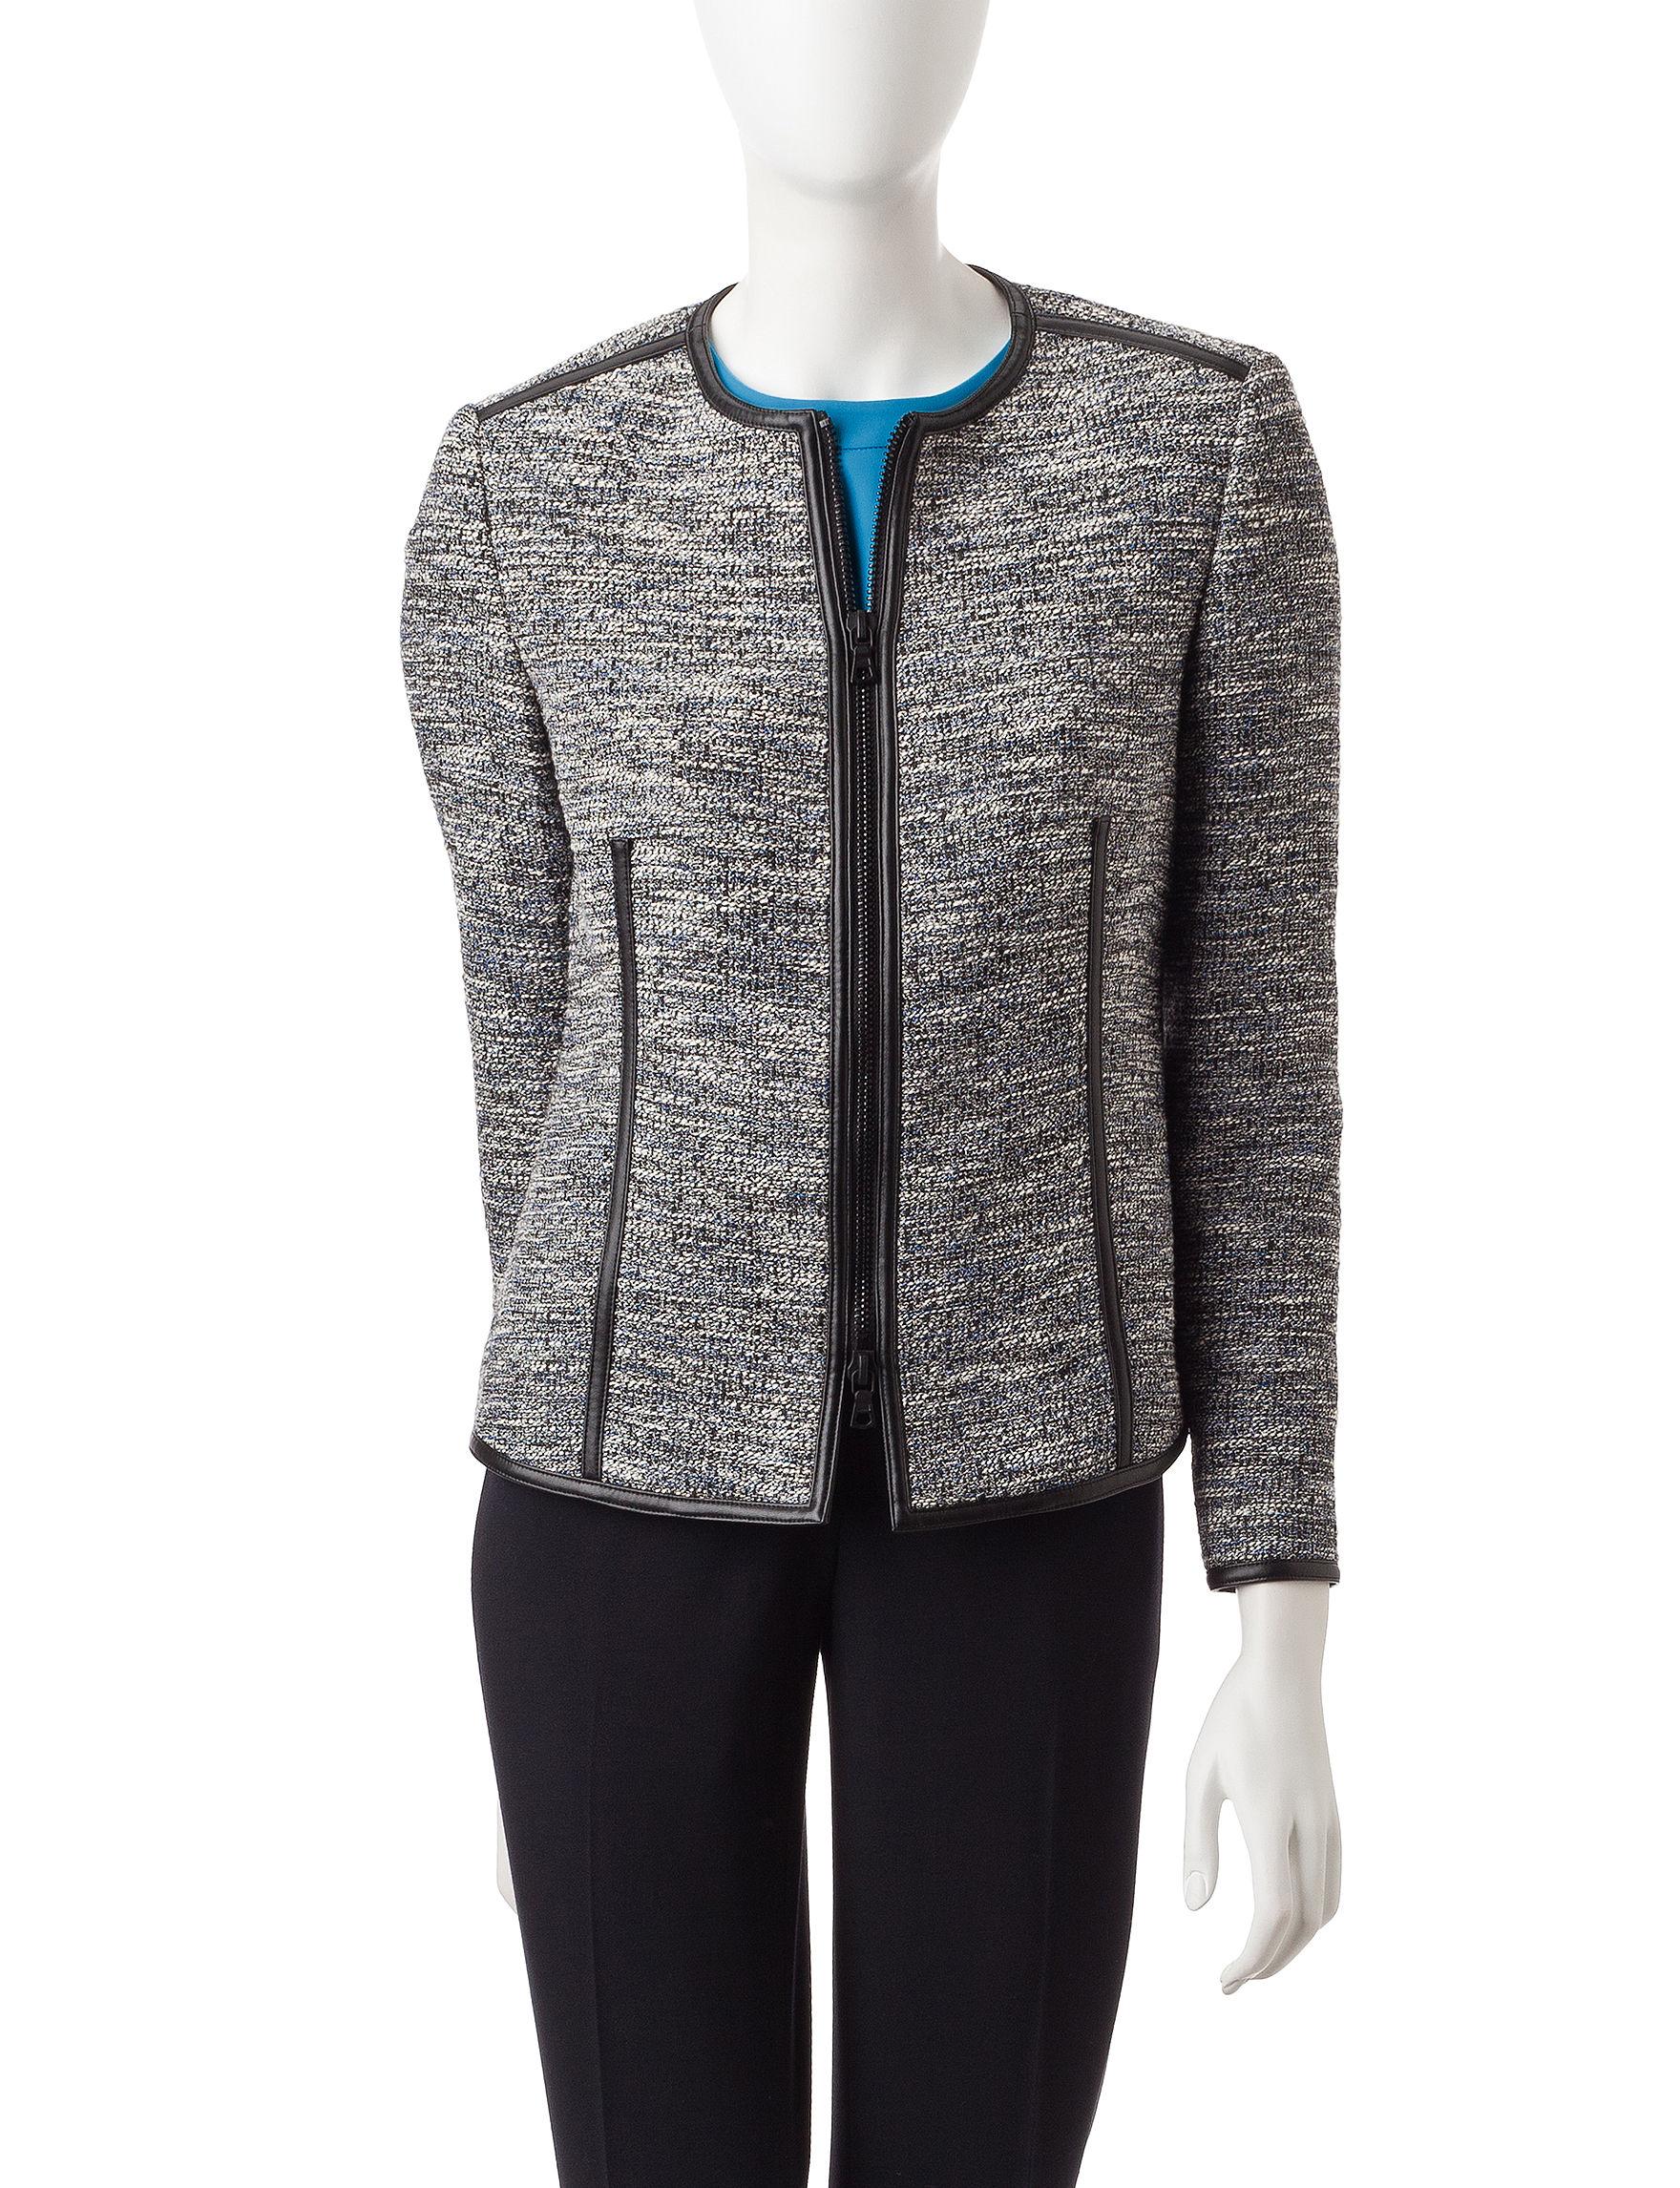 Anne Klein Multi Lightweight Jackets & Blazers